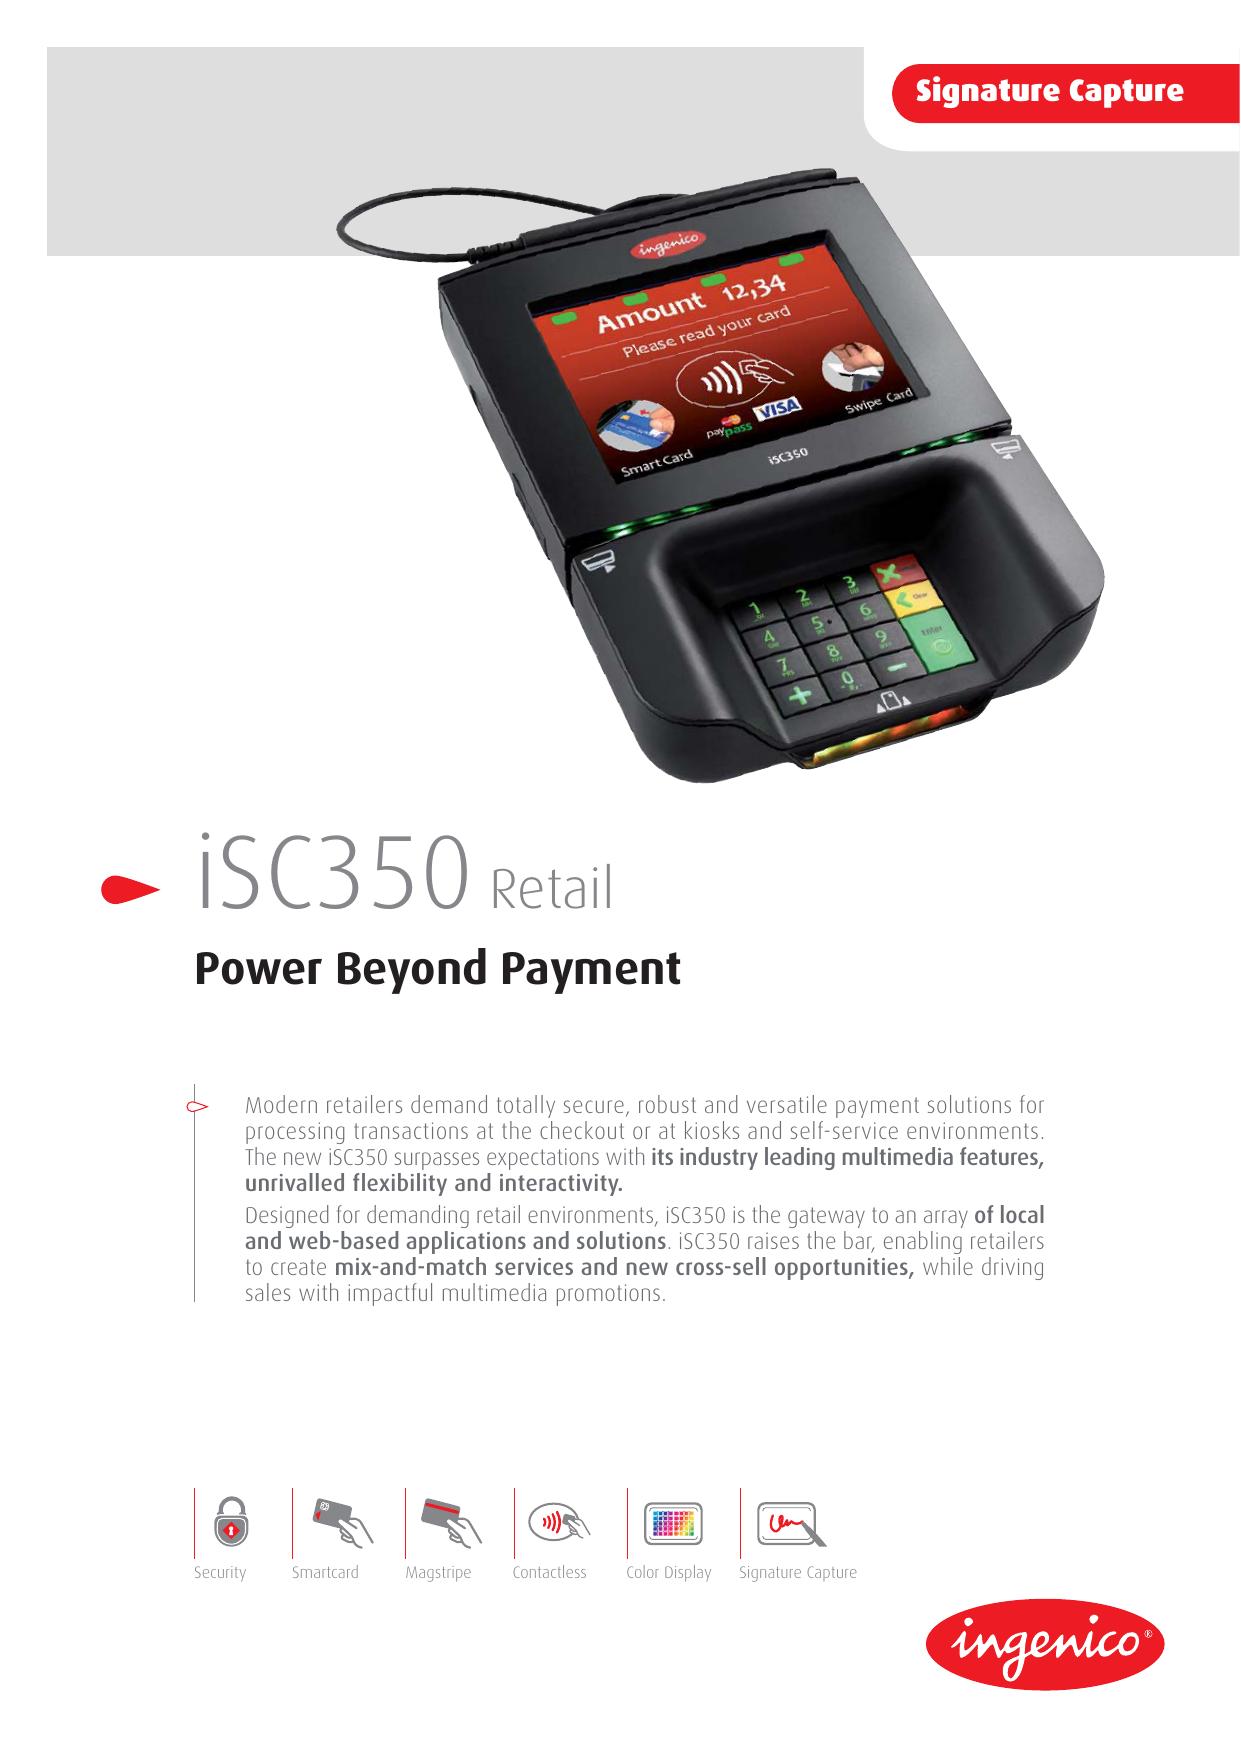 Ingenico Signature Capture iSC350 Retail | manualzz com